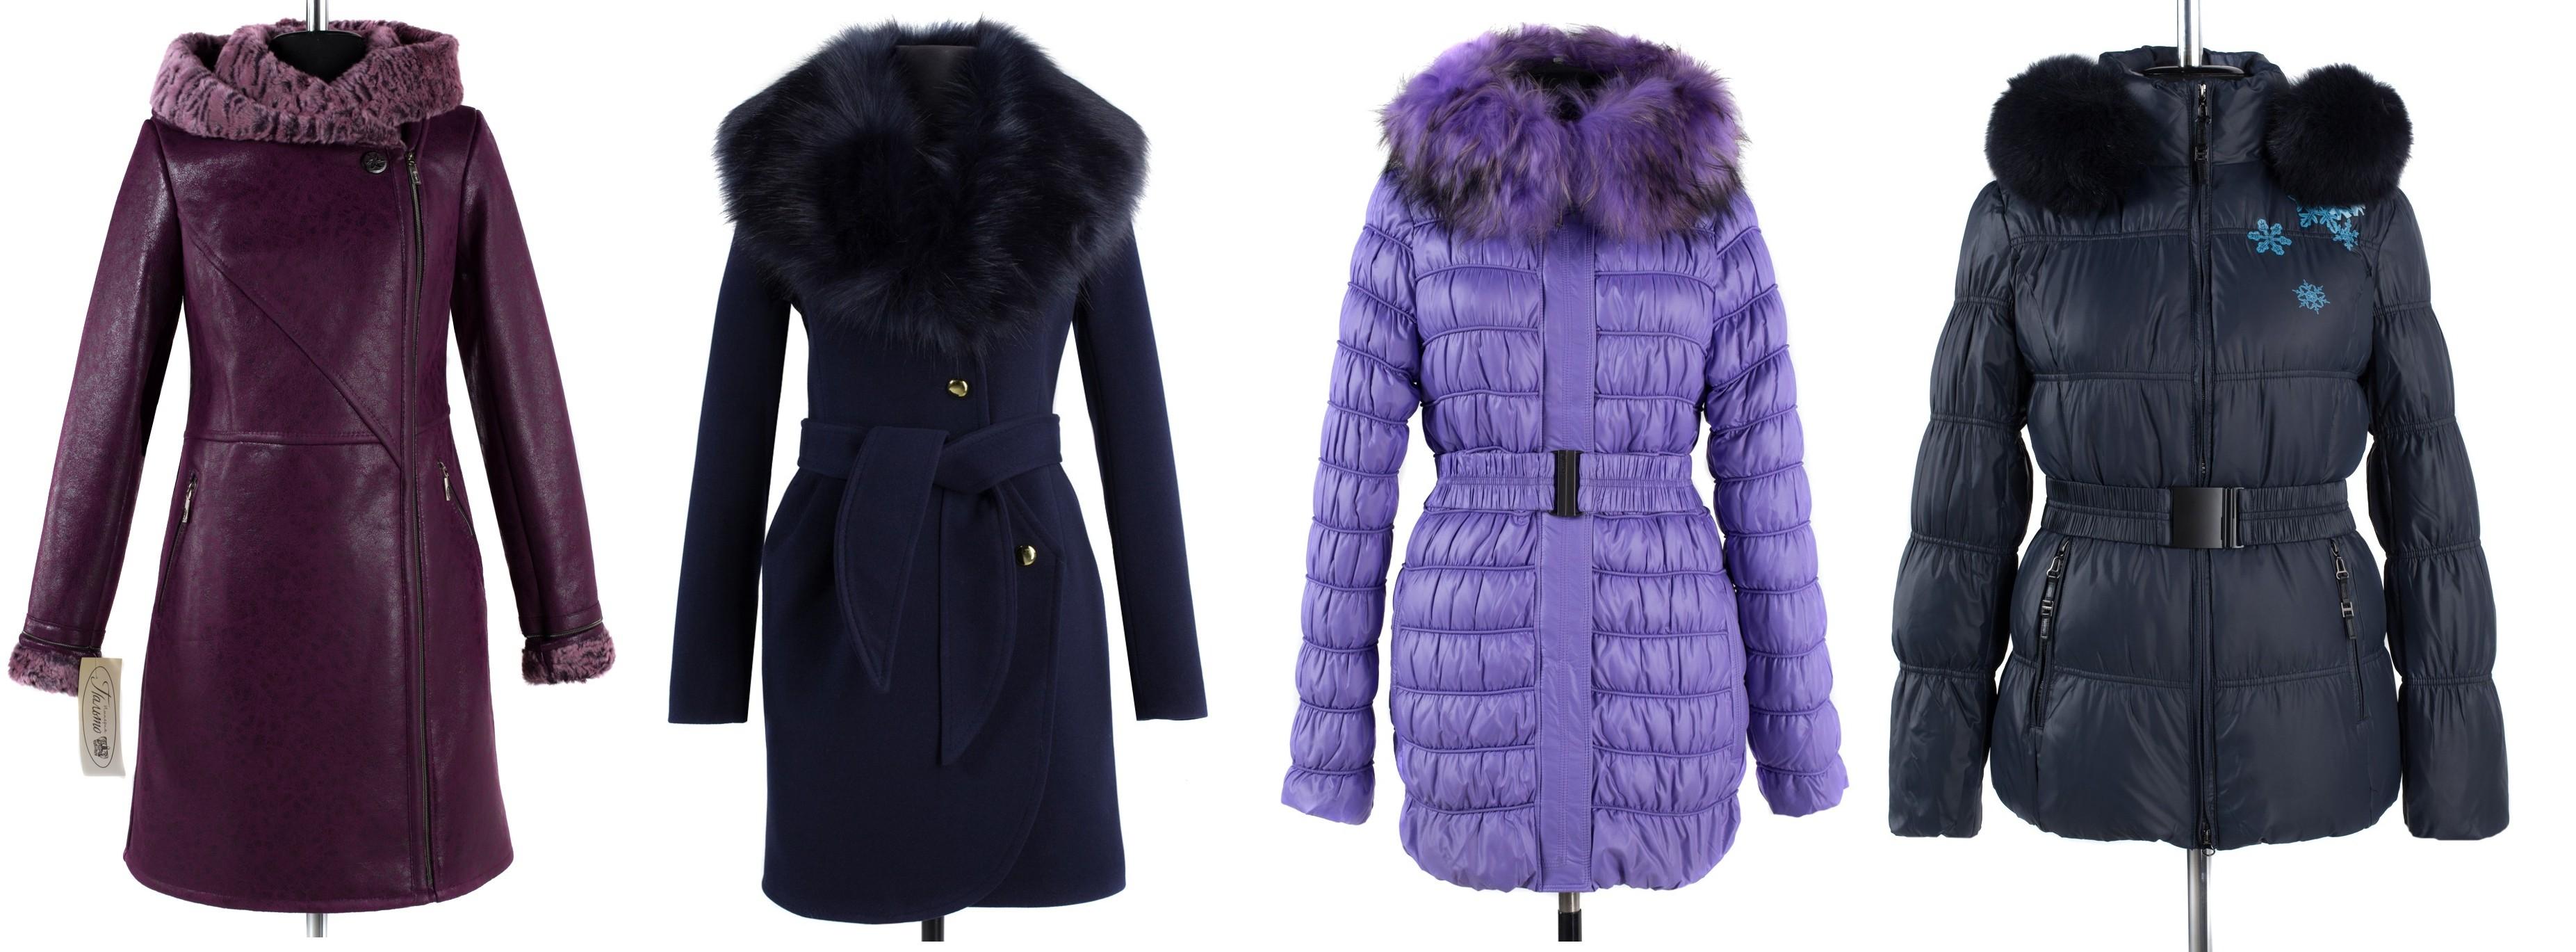 Зимние Куртки, Пуховики, Пальто, Дубленки от T a n i. А еще Демисезонные Пальто, Плащи, Ветровки, пиджаки. Без рядов -- 10